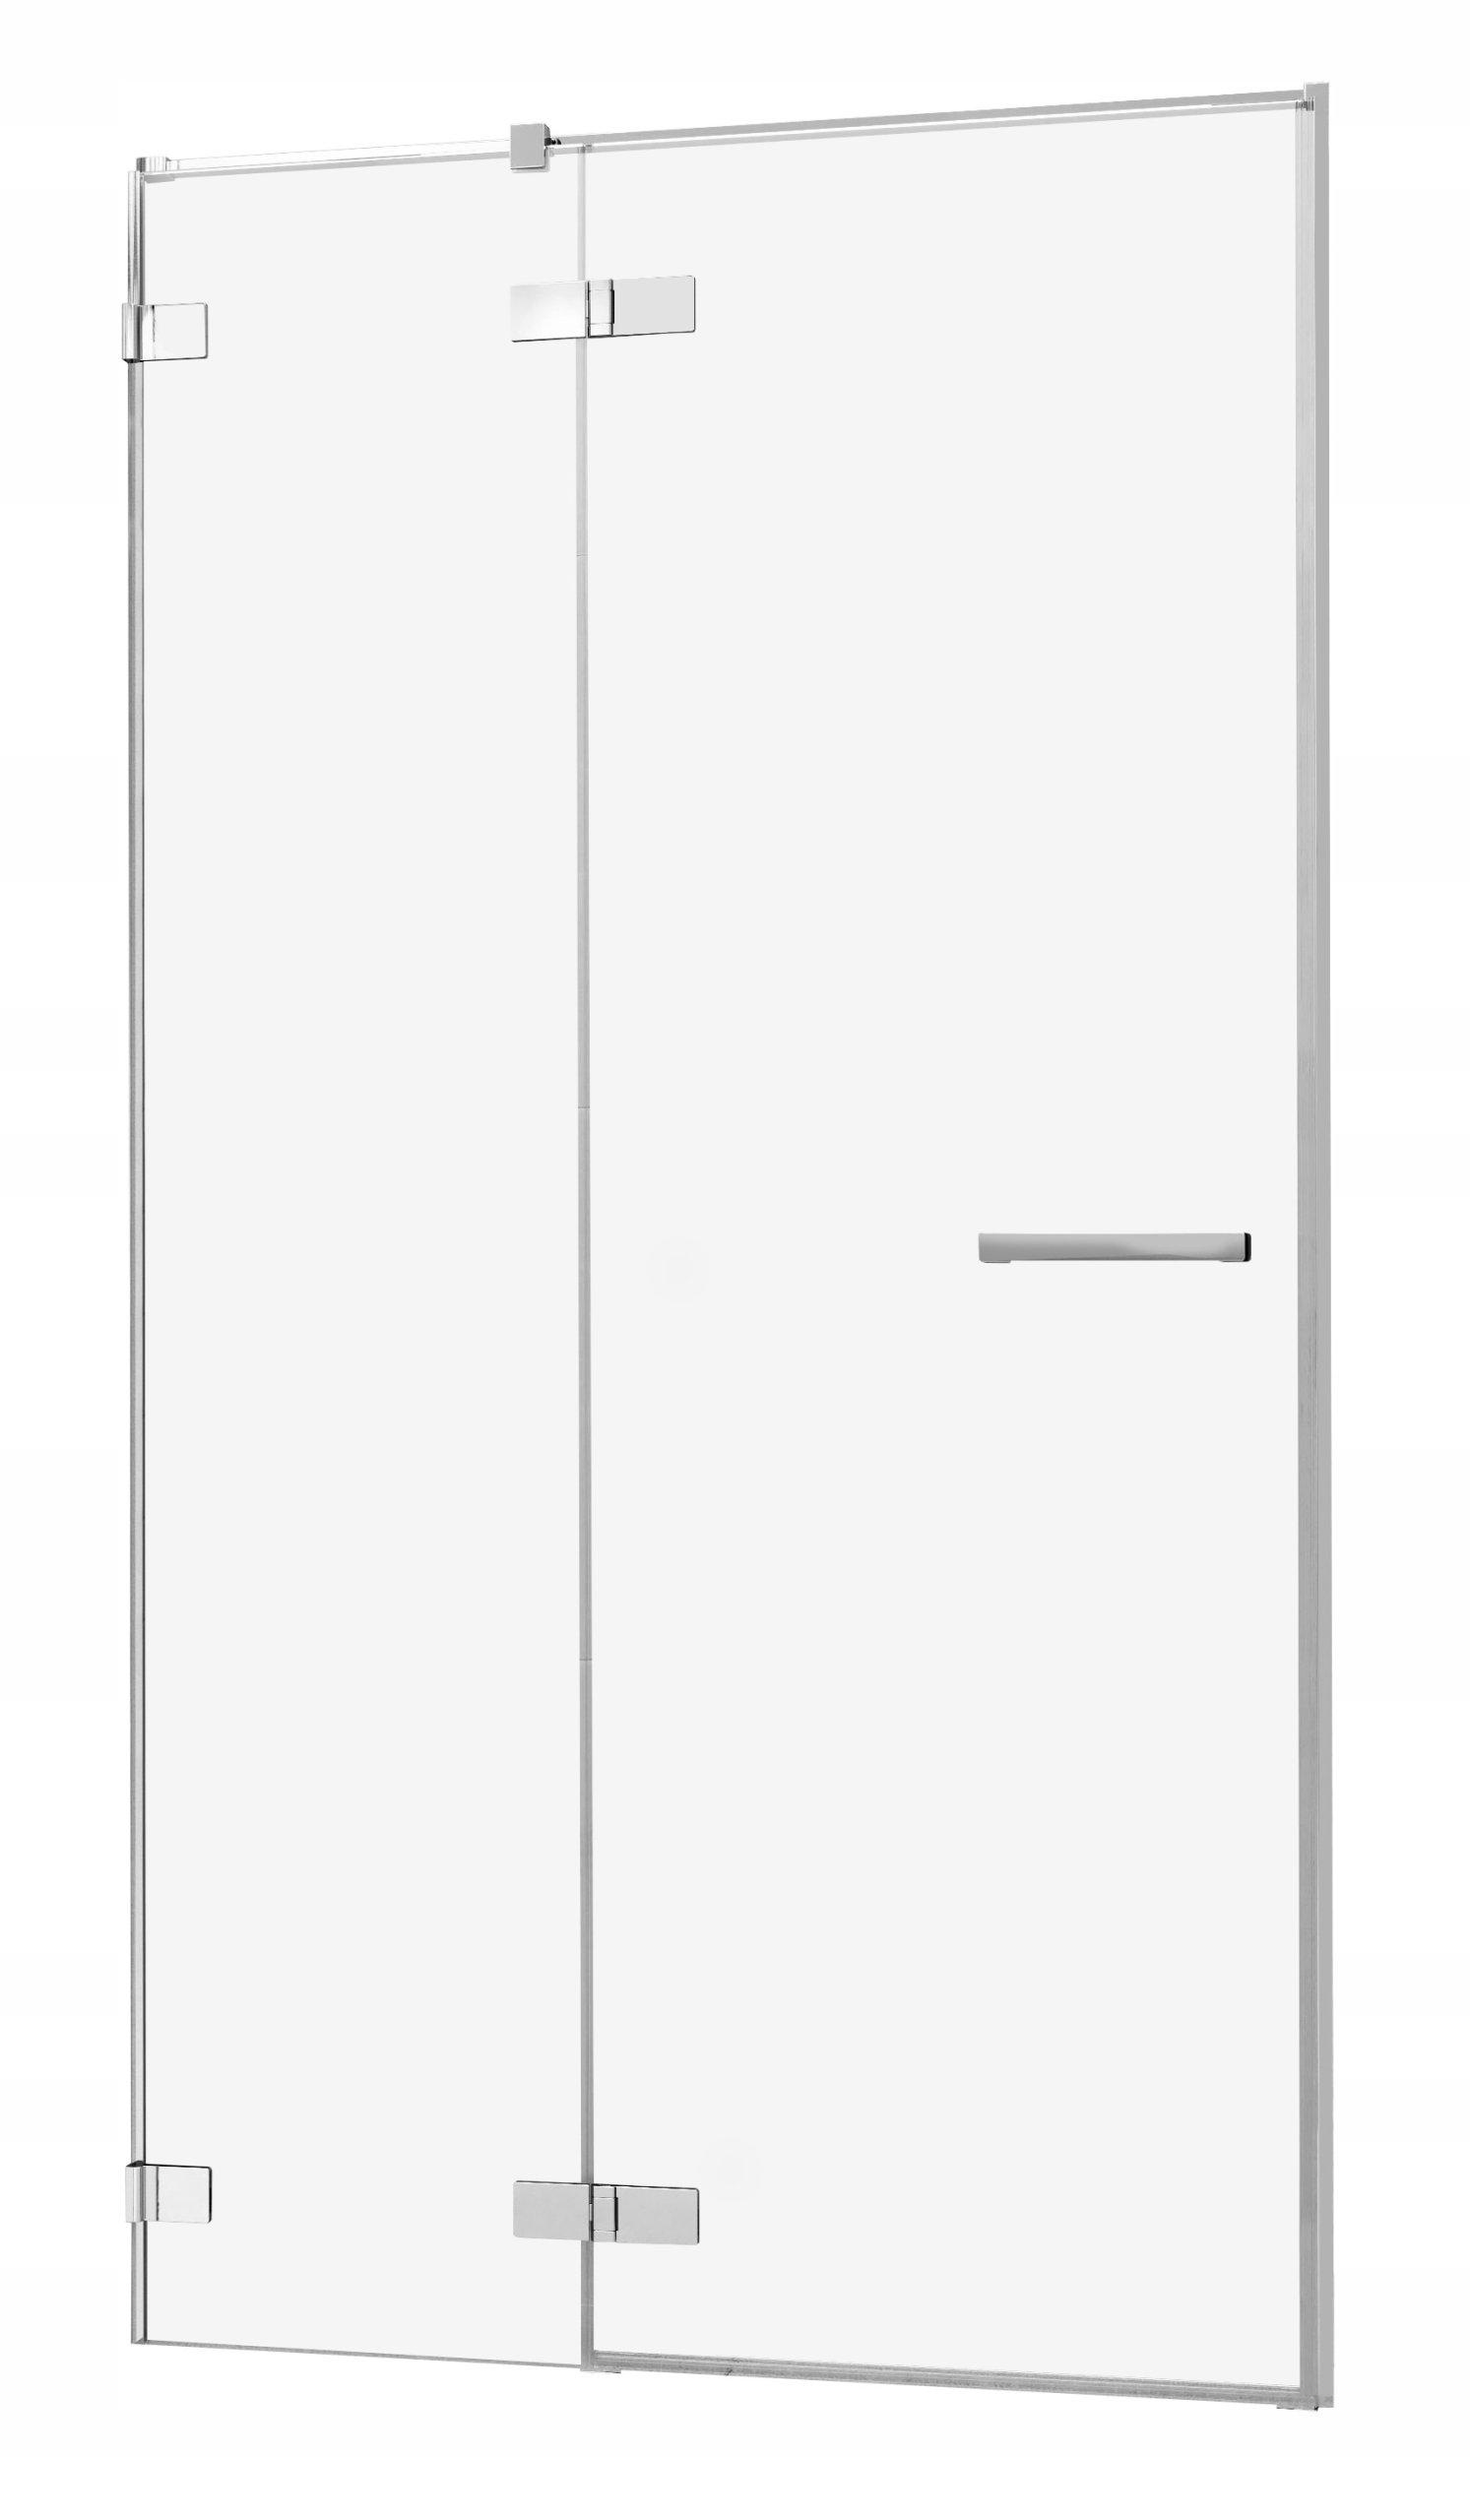 Arta DWJ II 130x200 RADAWAY sprchové dvere